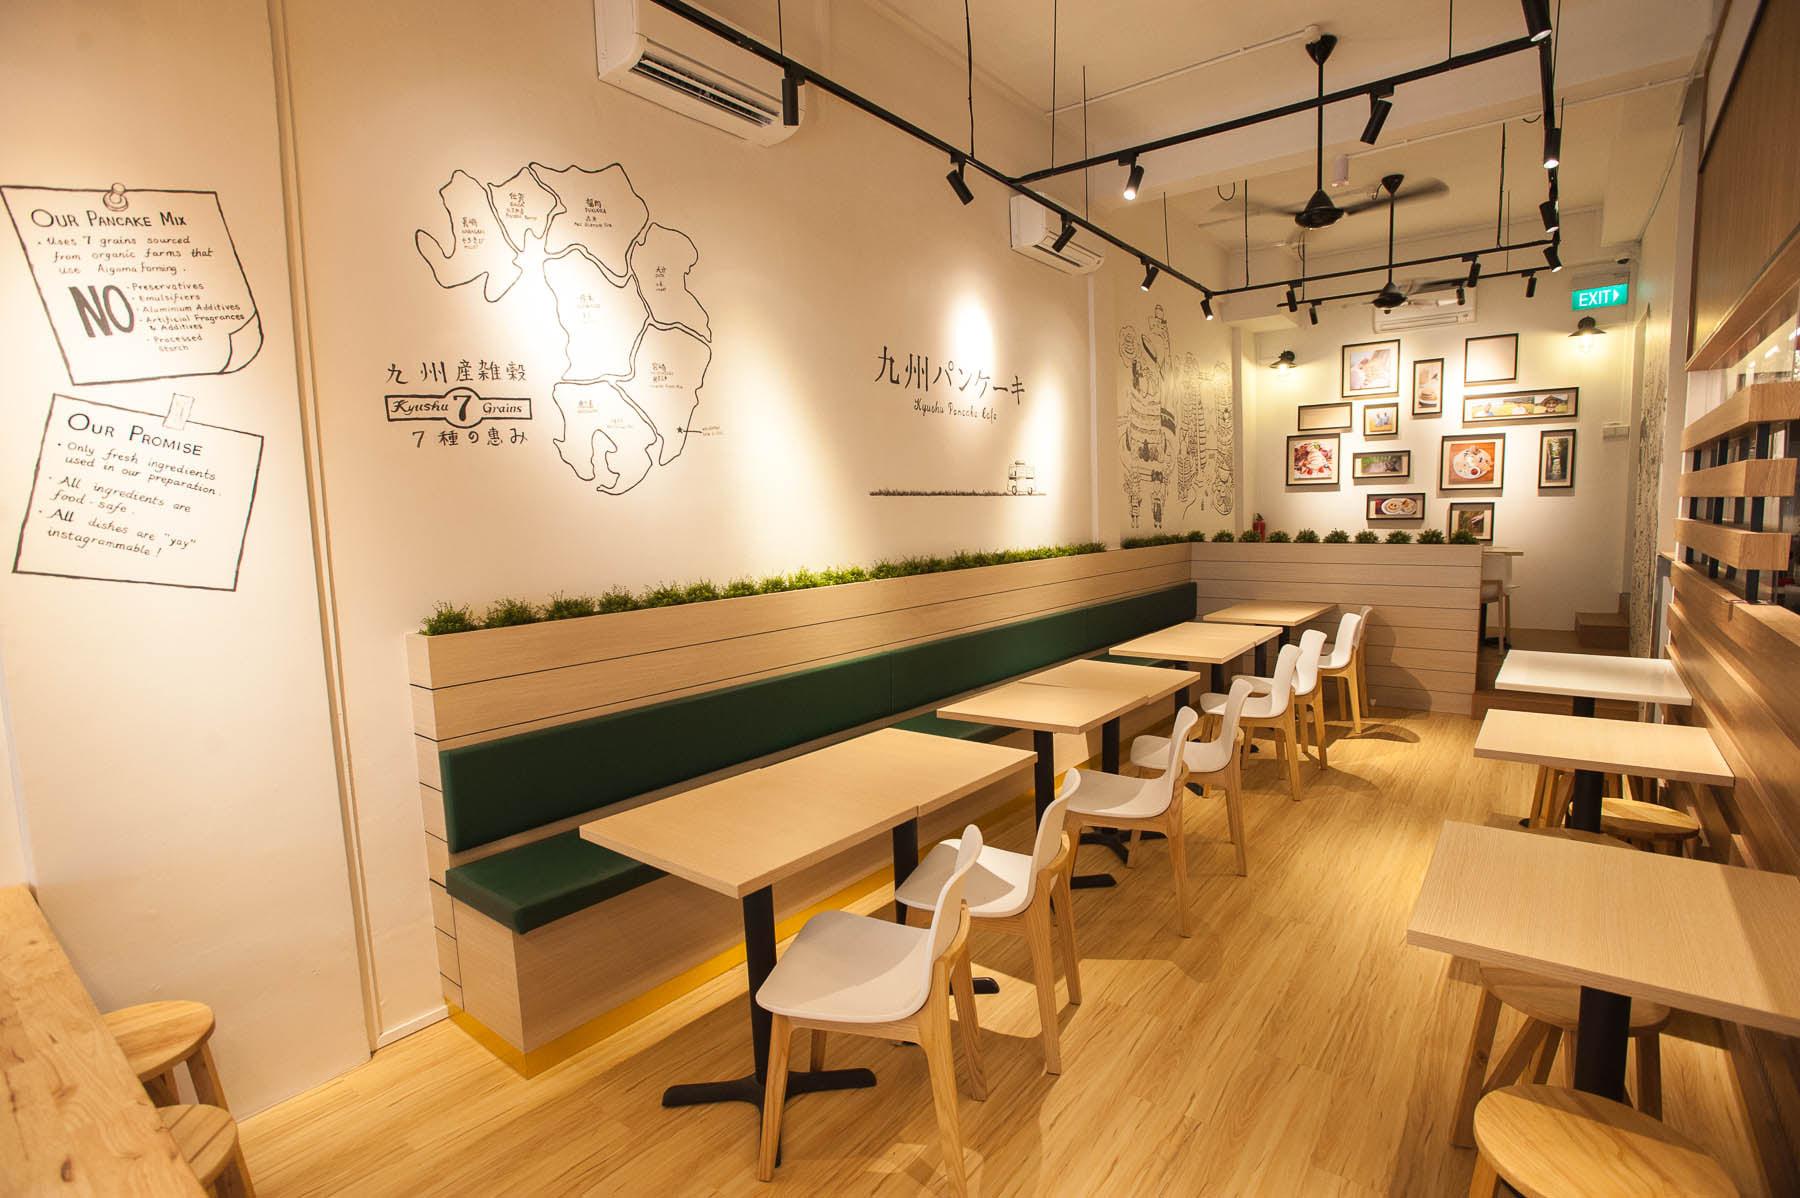 Kyushu Pancake Is Opening At Holland Village